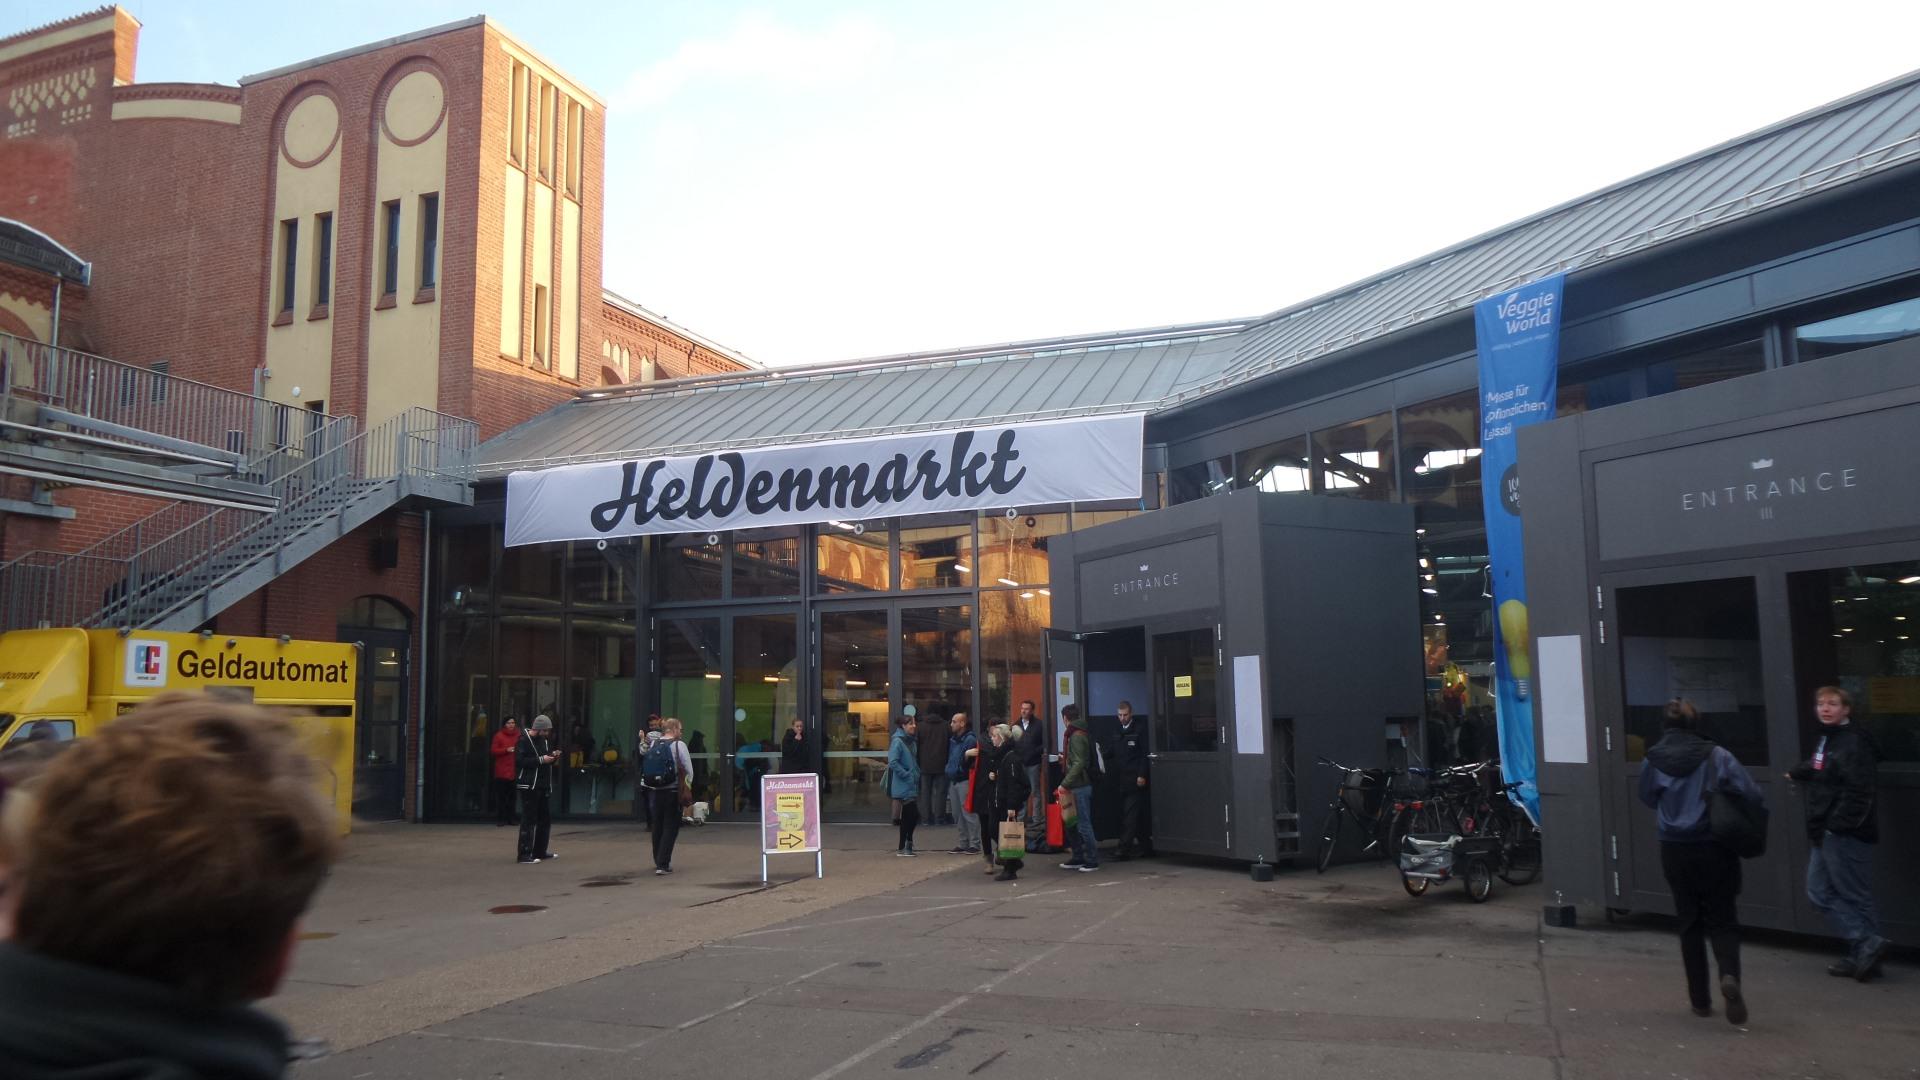 """Eingang """"Heldenmarkt"""" in der Station Berlin am Gleisdreieck."""